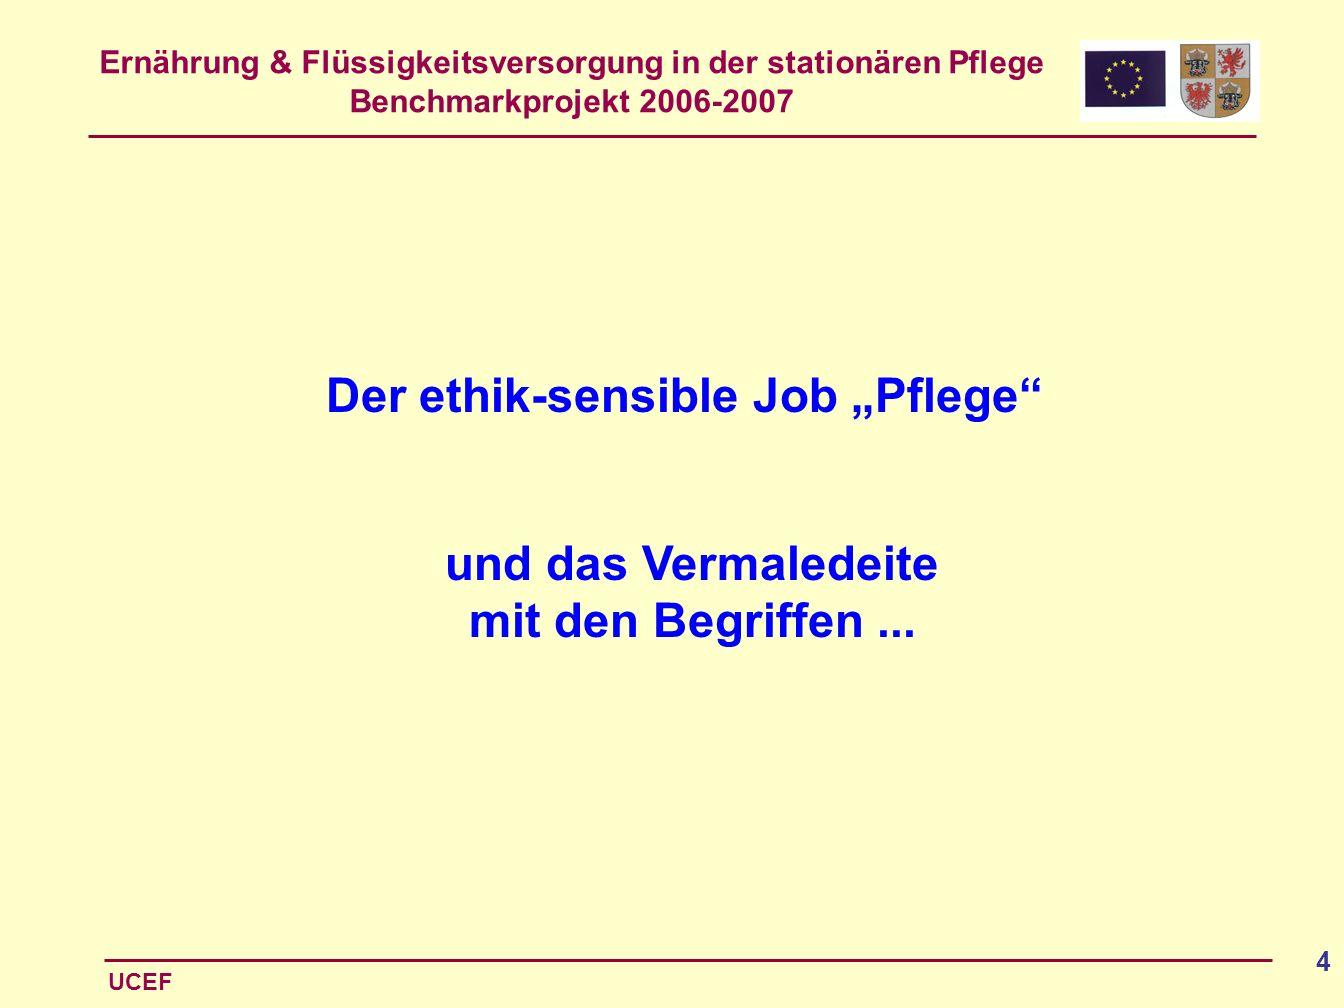 Ernährung & Flüssigkeitsversorgung in der stationären Pflege Benchmarkprojekt 2006-2007 UCEF 4 Der ethik-sensible Job Pflege und das Vermaledeite mit